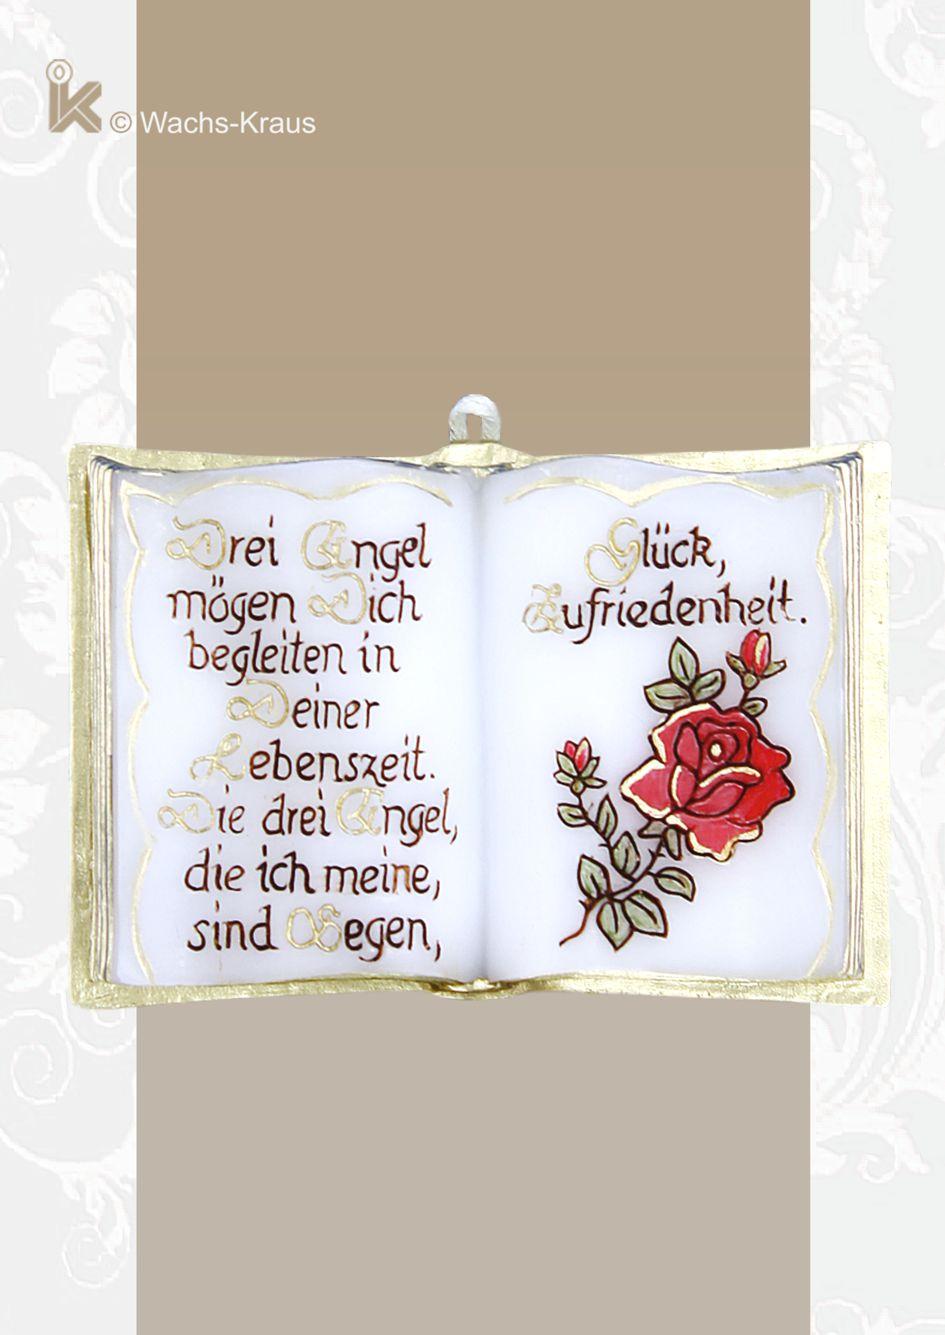 Wachsbuch Rose. Drei Engel mögen Dich begleiten in Deiner Lebenszeit. Die drei Engel, die ich meine sind Segen, Glück, Zufriedenheit. Reine Handarbeit .